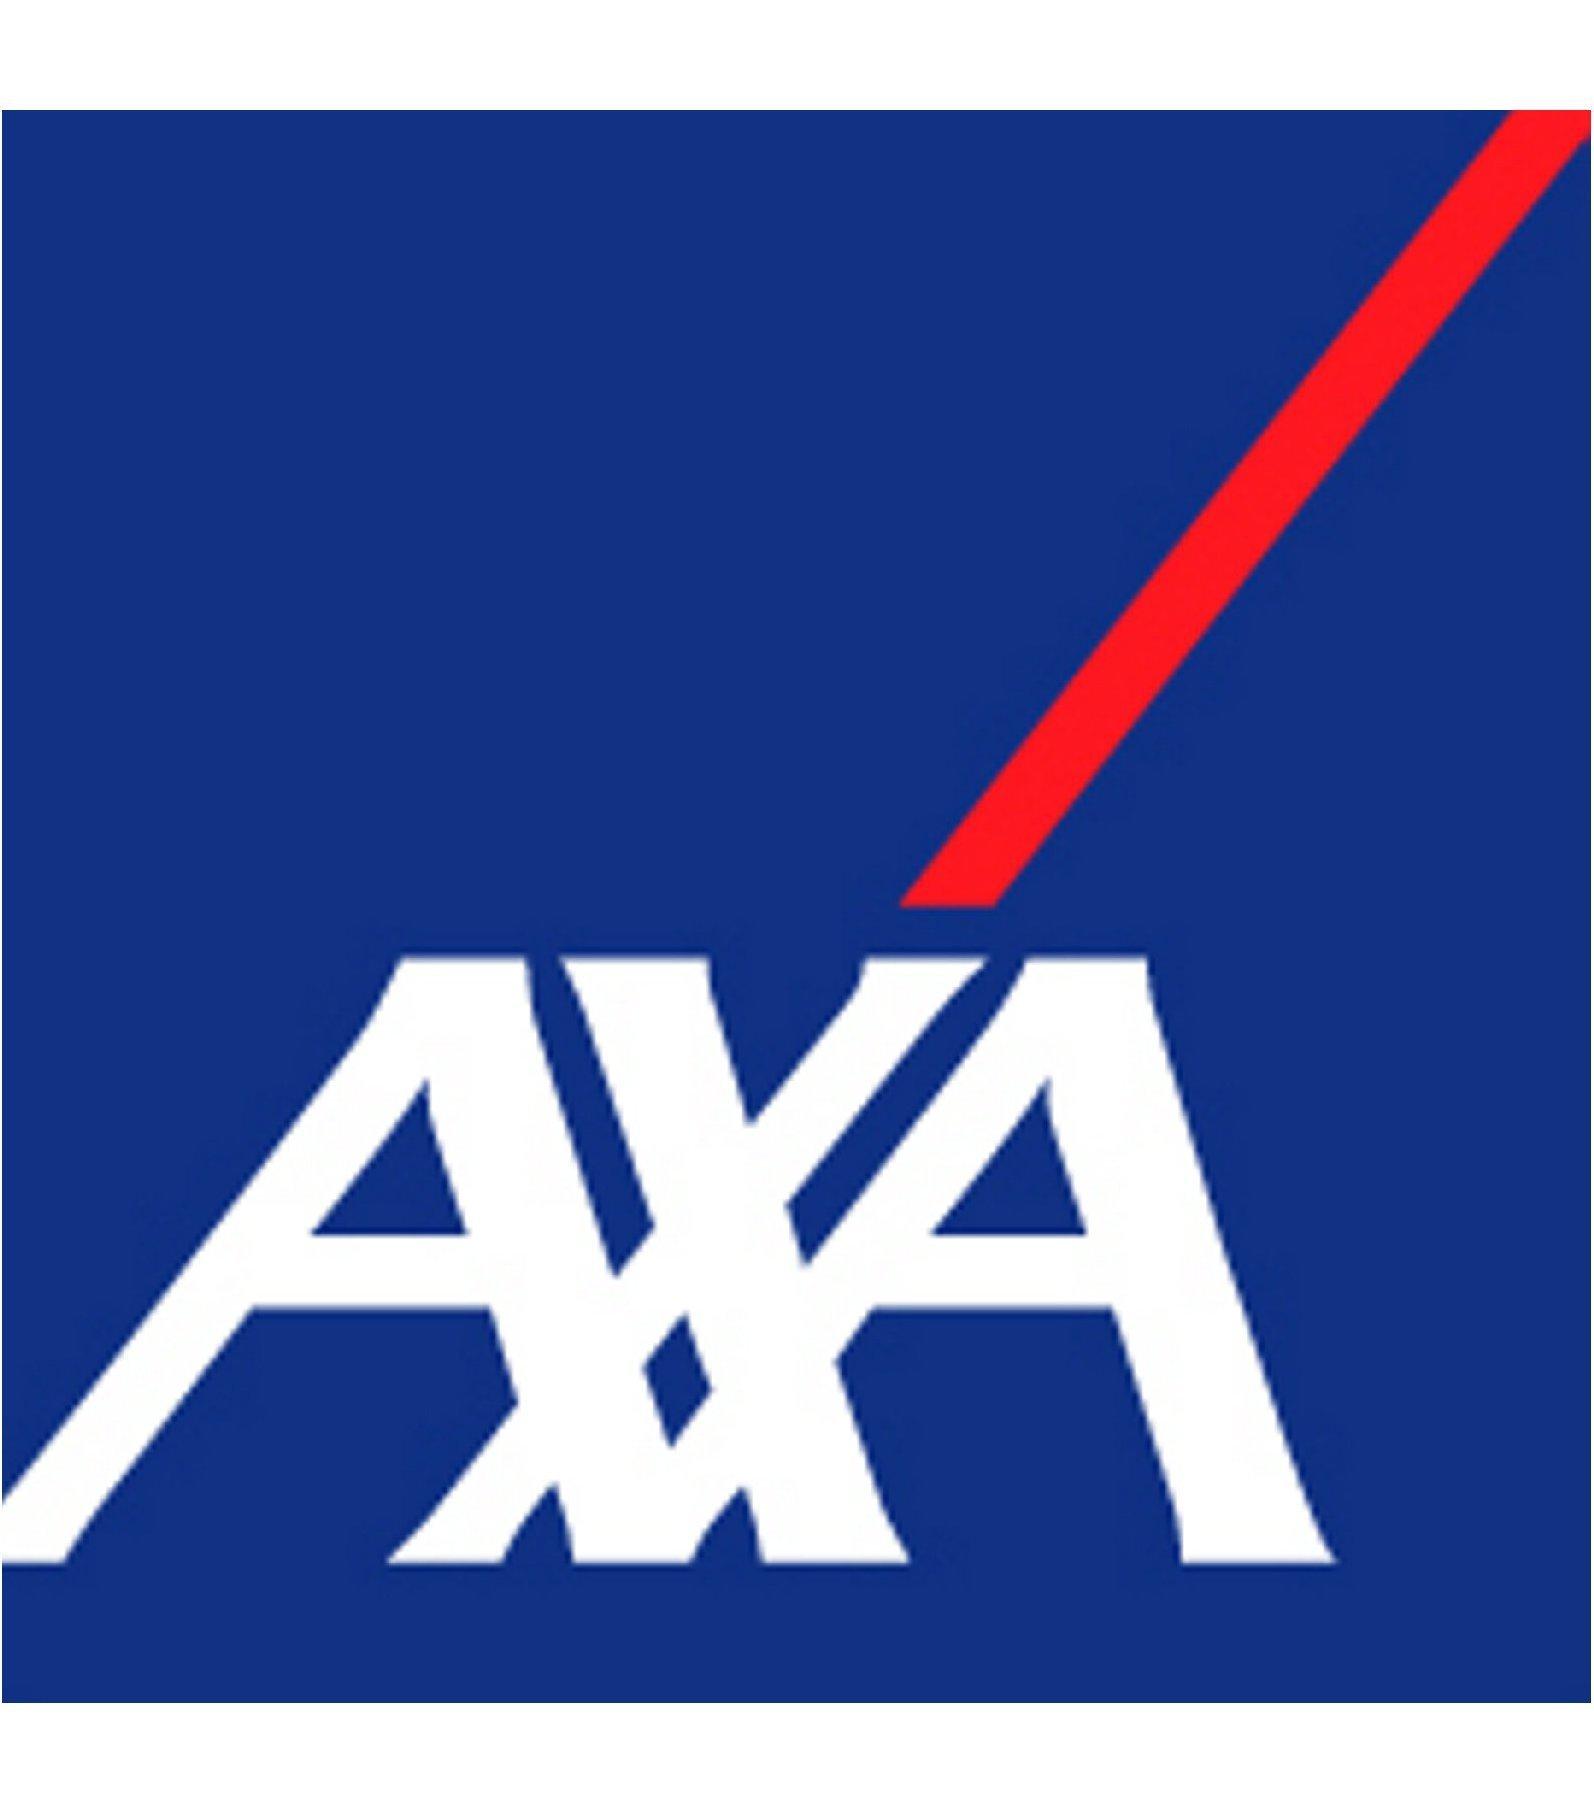 logo-axa_113889_wide